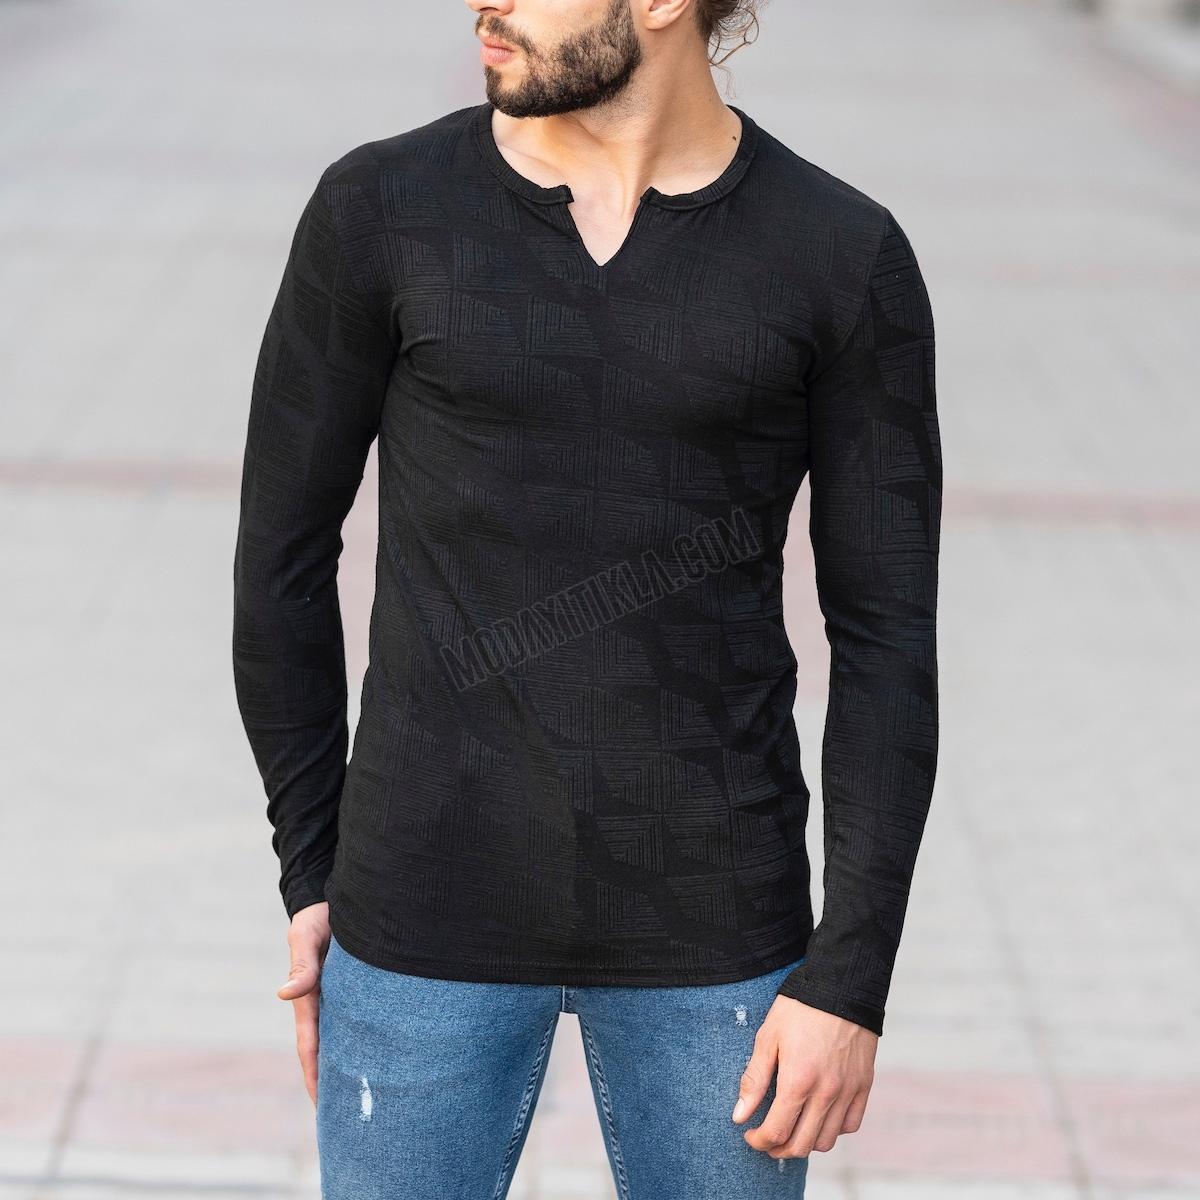 Erkek V Boğazlı Etnik Desenli Siyah Sweatshirt